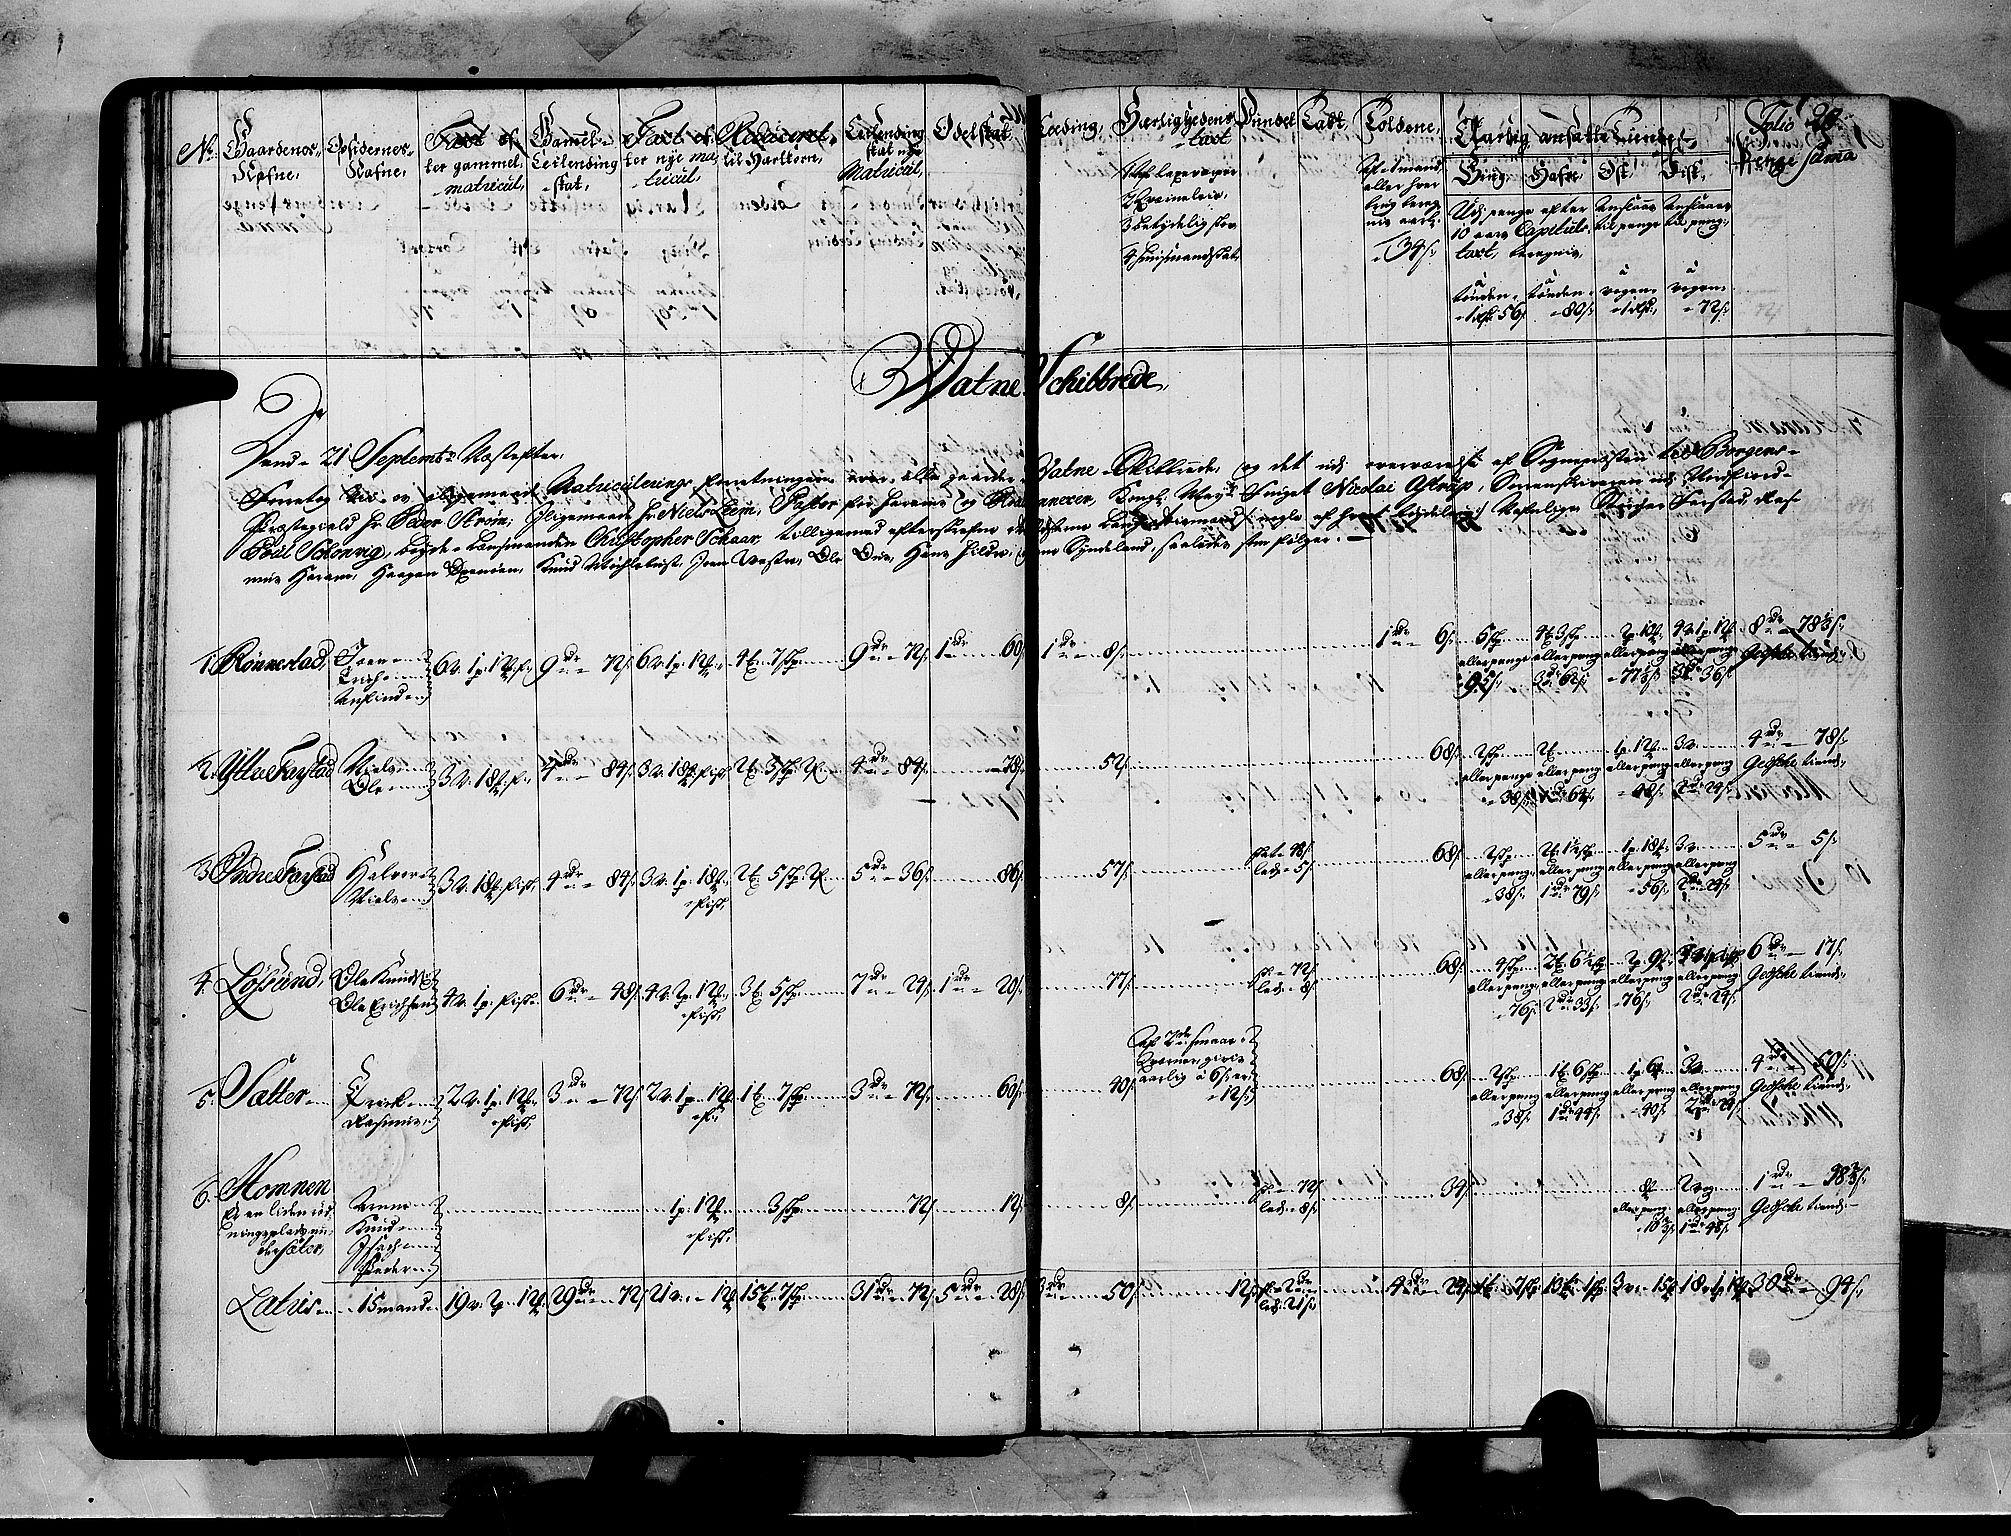 RA, Rentekammeret inntil 1814, Realistisk ordnet avdeling, N/Nb/Nbf/L0151: Sunnmøre matrikkelprotokoll, 1724, s. 27b-28a